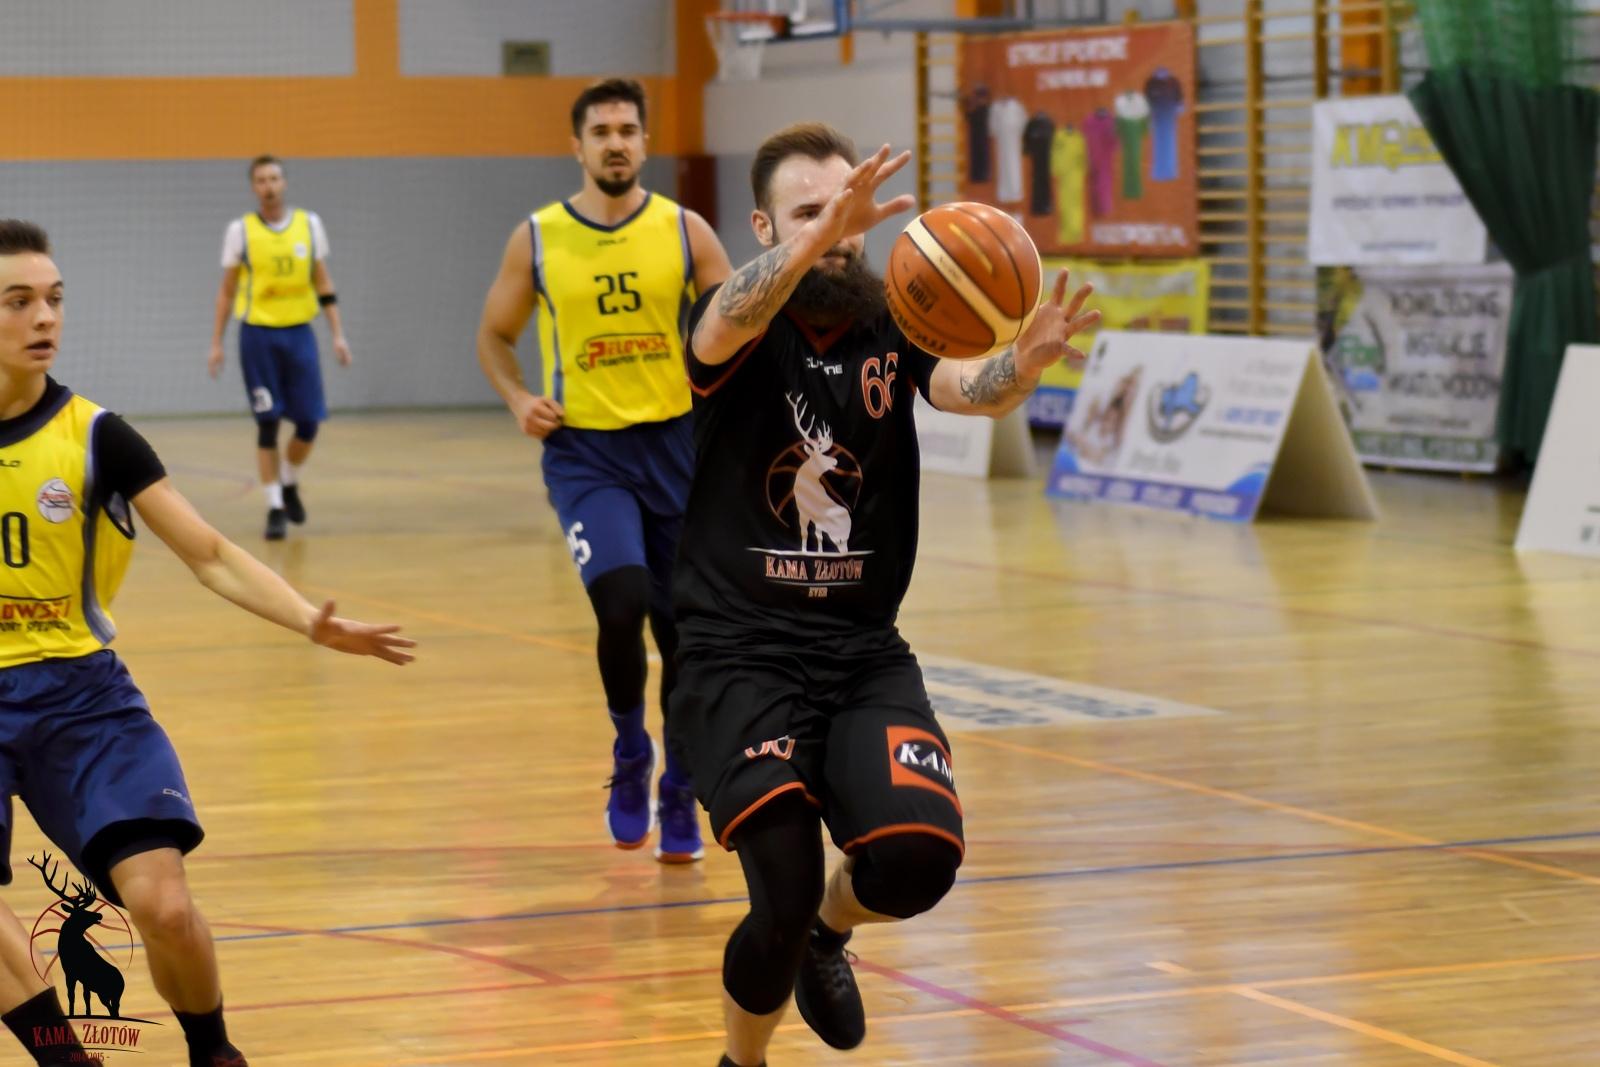 Pelowski-Transport-Basket-Club-VS-Kama-Zlotow-40-of-73